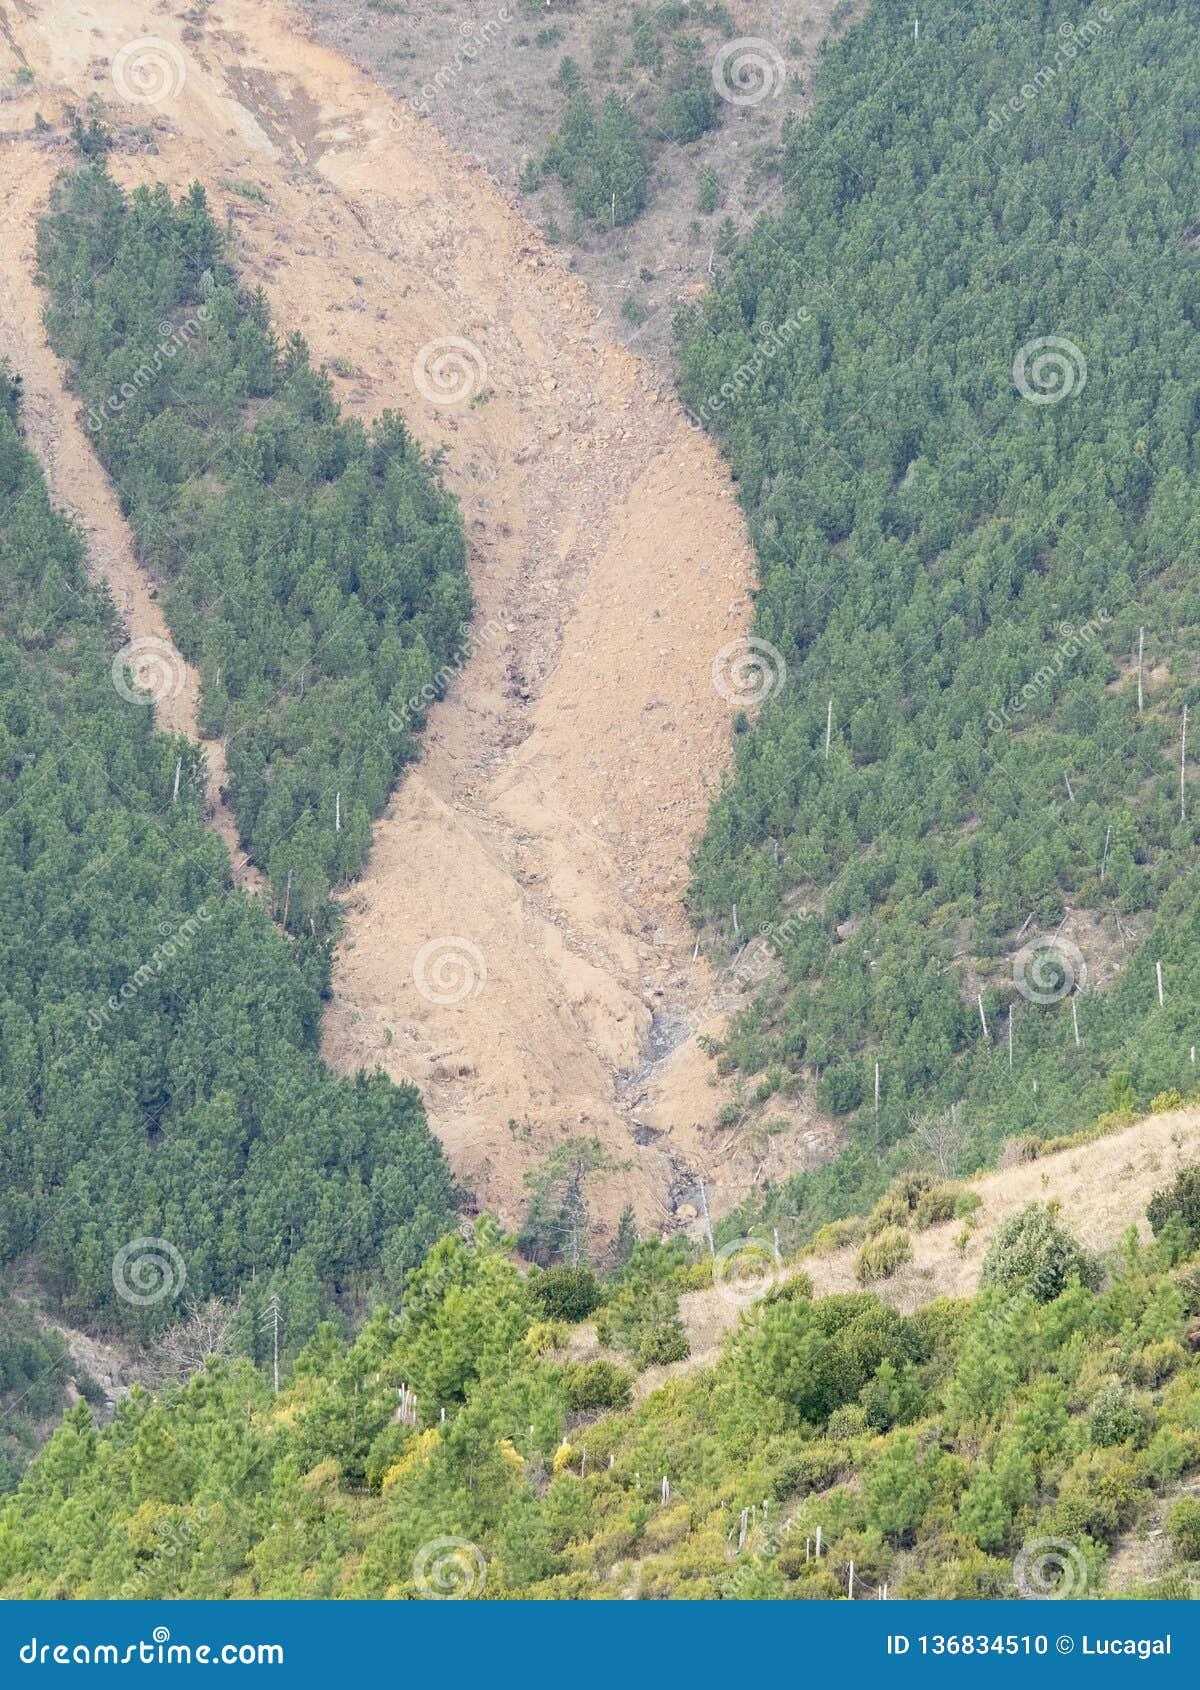 Μεγάλη καθίζηση εδάφους στην πλευρά ενός βουνού: εδαφολογική διάβρωση